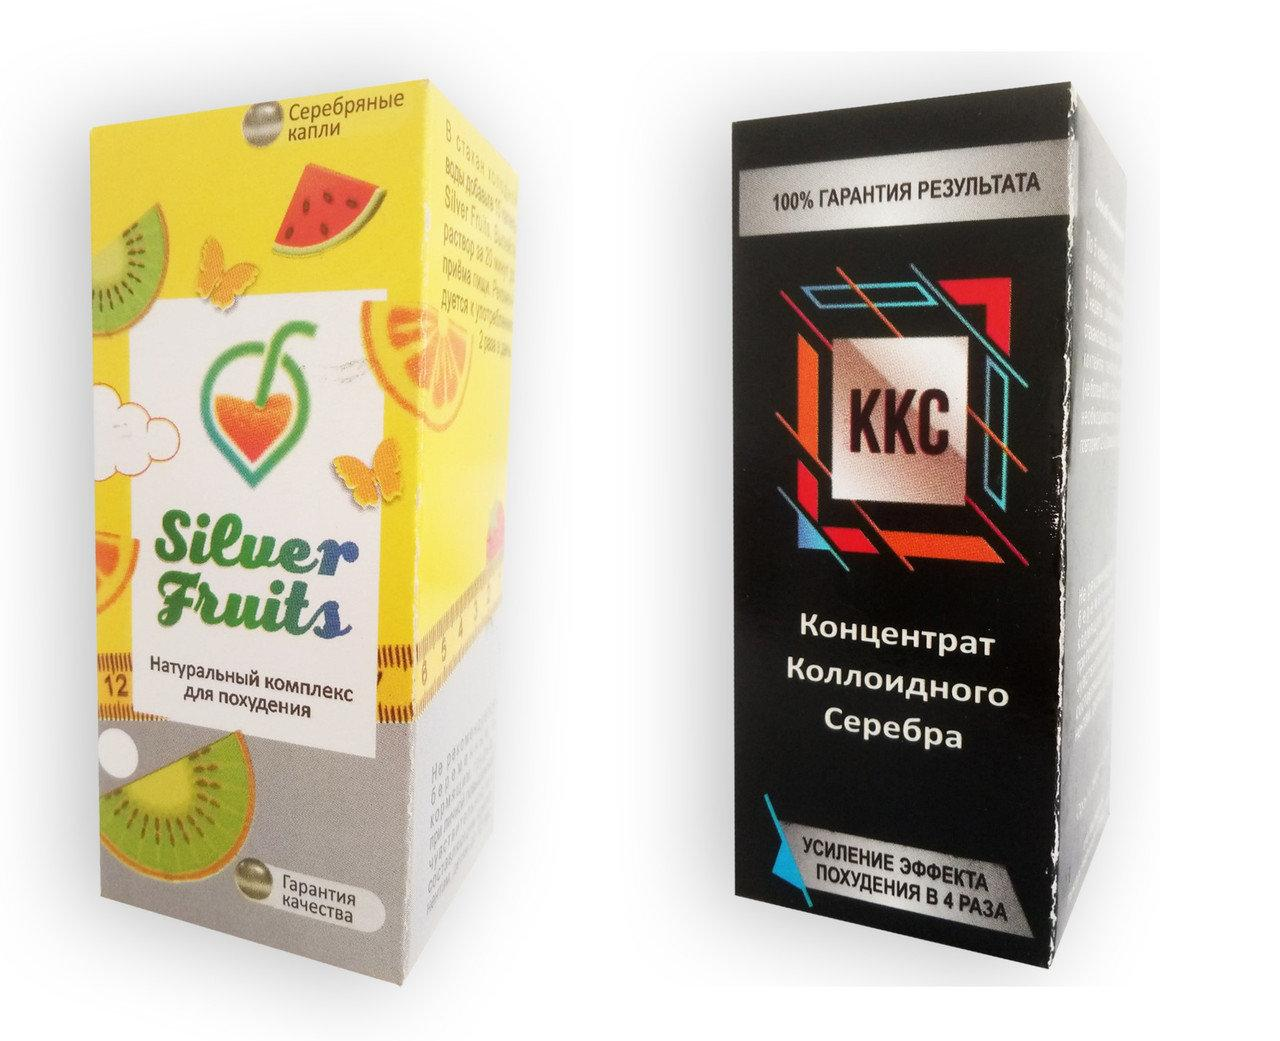 Silver Fruits - Капли + ККС - Концентрат коллоидного серебра - Комплекс для похудения (Силвер Фрутс)